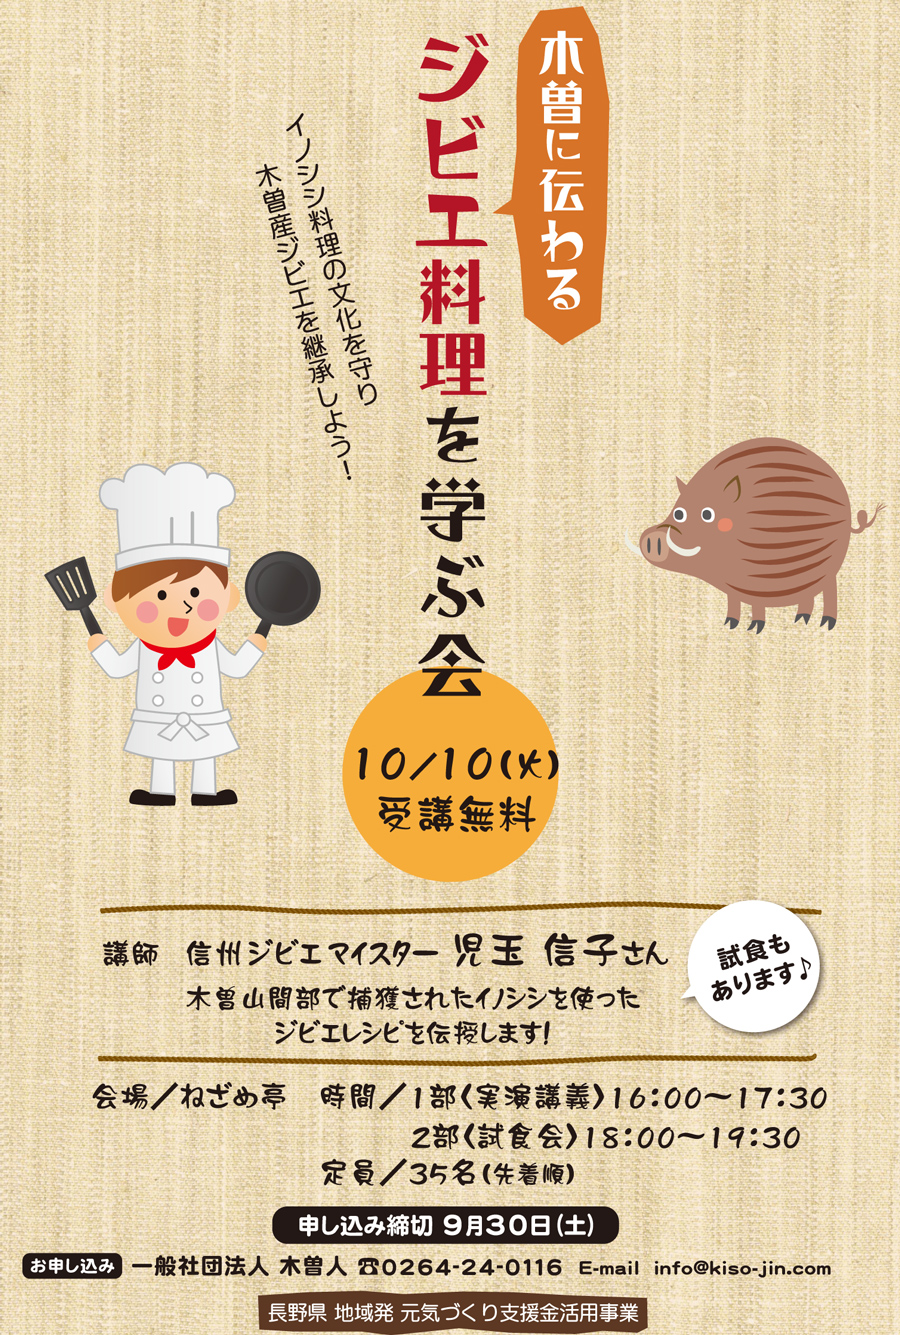 2017年10月10日 ねざめ亭にて「ジビエ料理を学ぶ会」開催 試食もあります